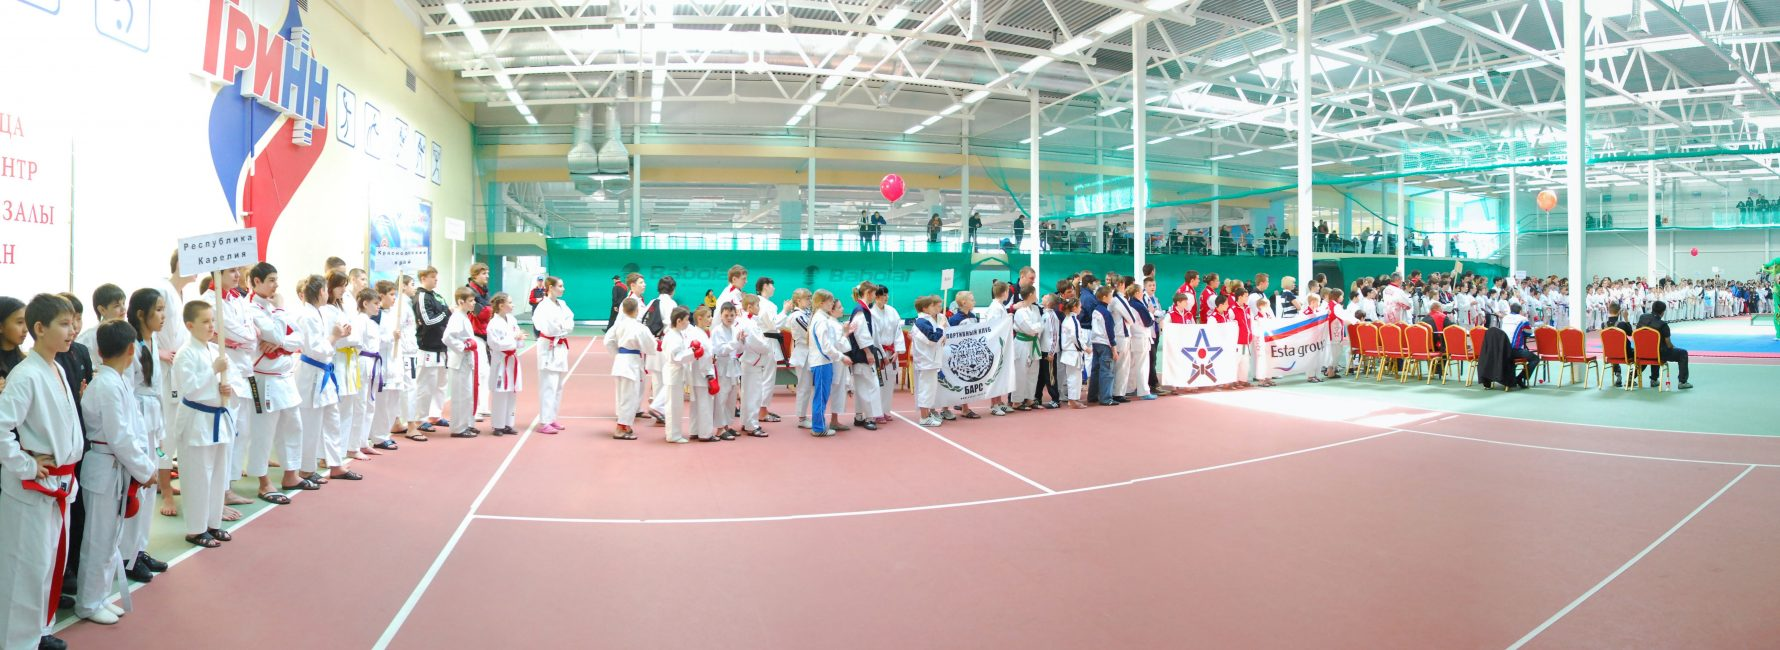 Спортивный центр - до 600 участников соревнований одновременно